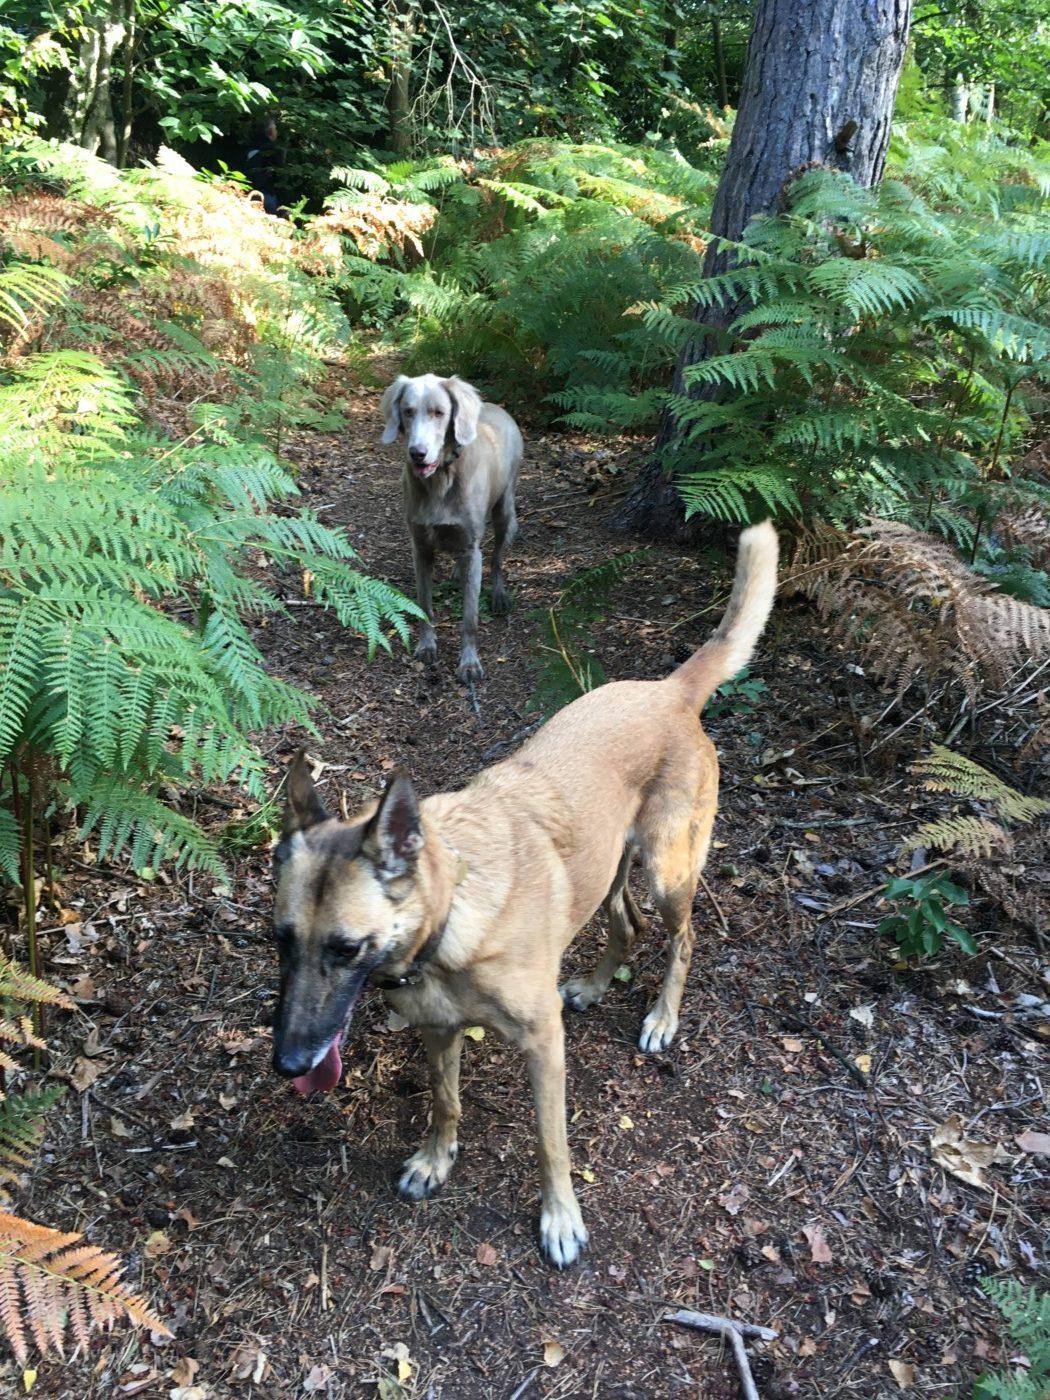 Braque et Malinois entourés de fougères